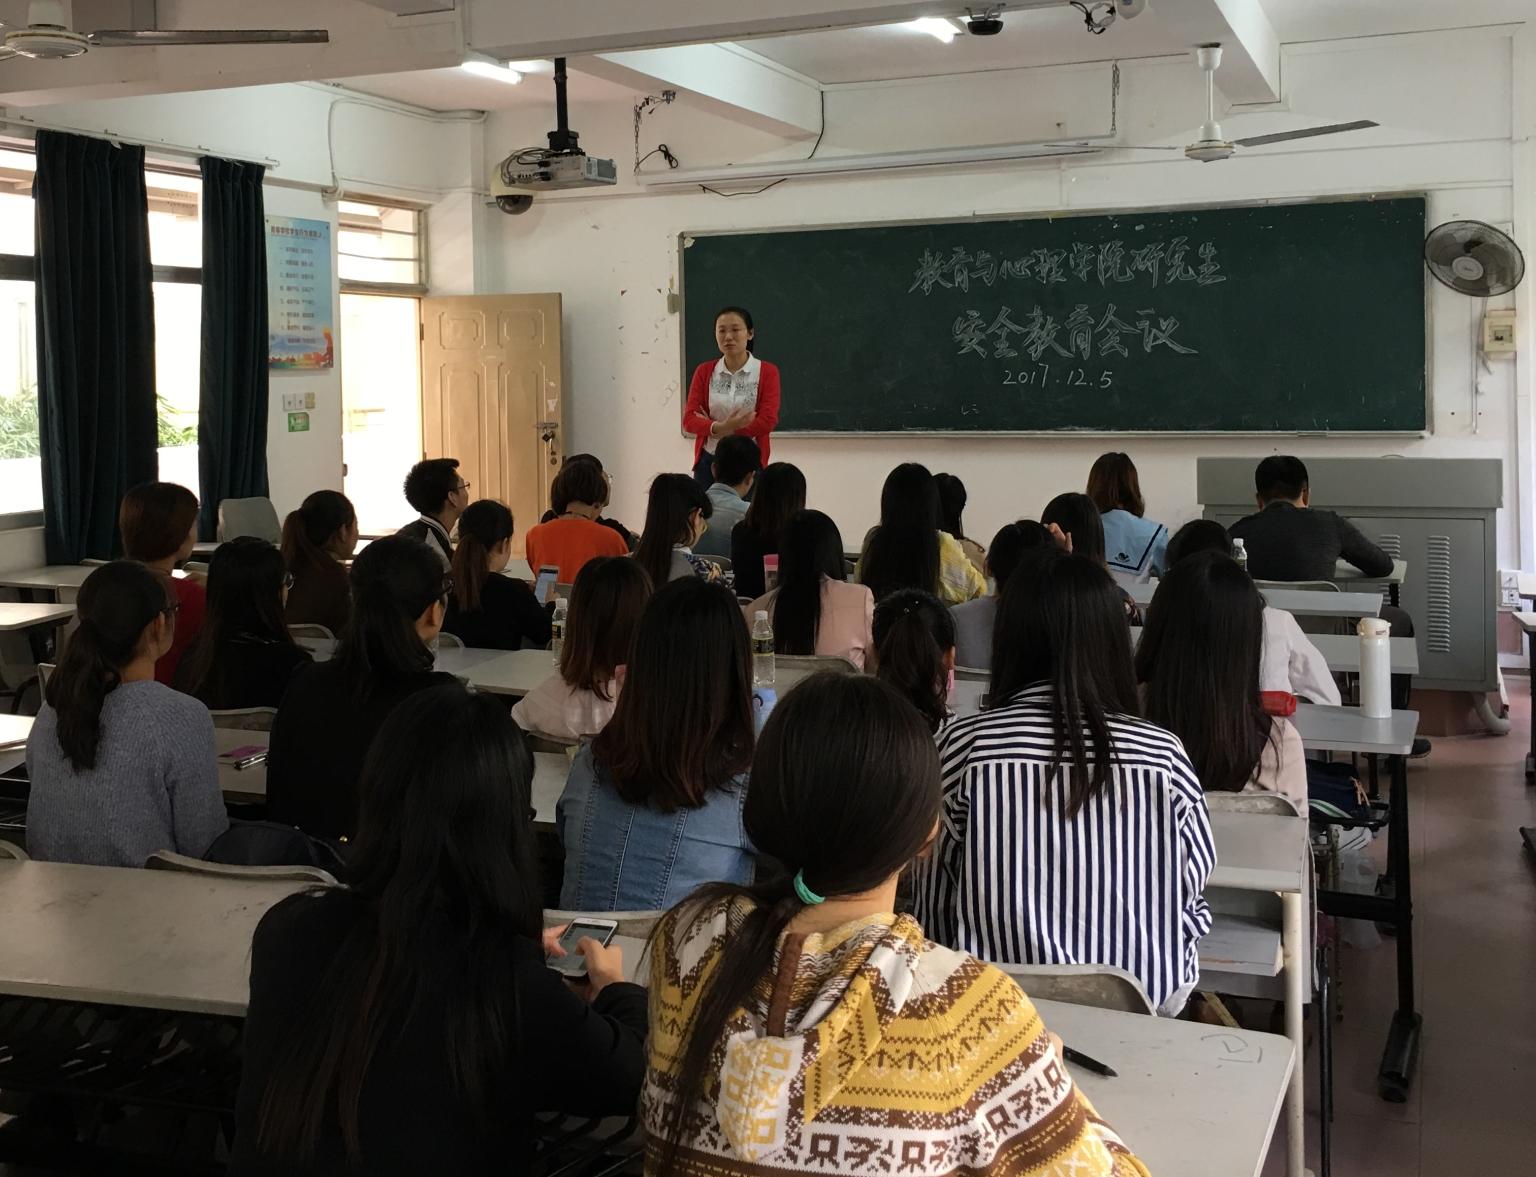 青年之声・教育跟心理学院探究生举行安都教育集会